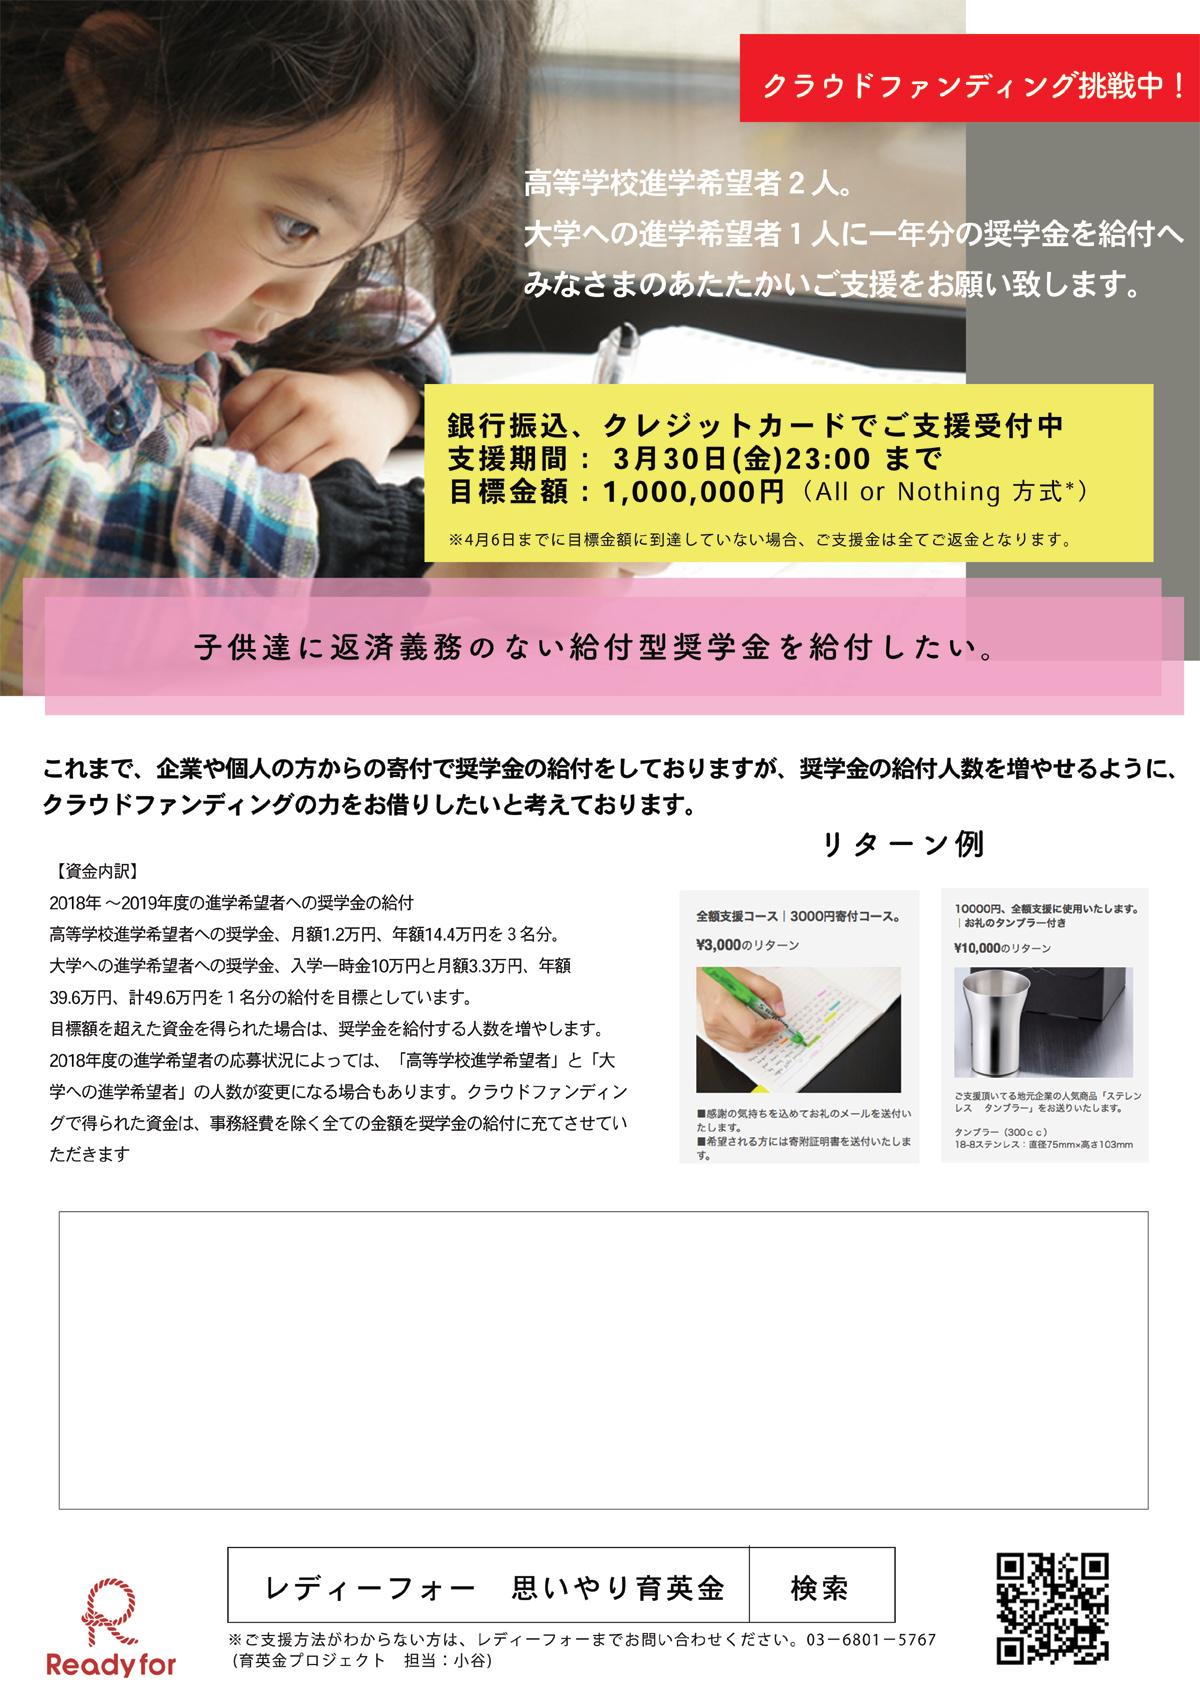 omo_cf.jpg